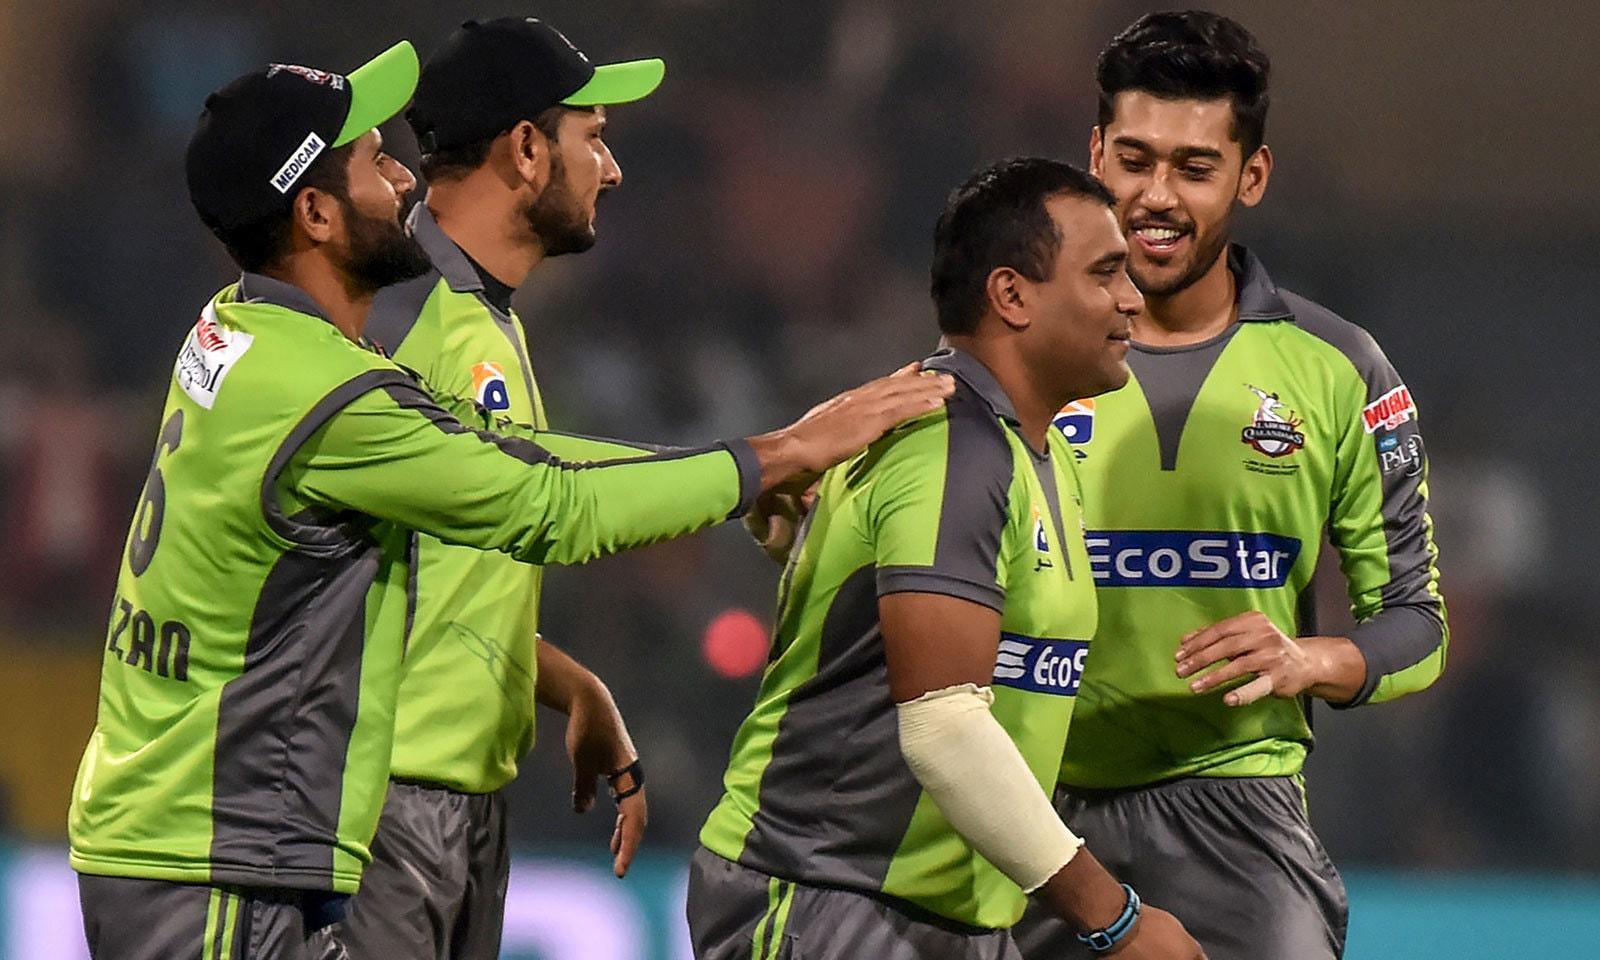 سمیت پٹیل نے لاہور قلندرز کے لیے گزشتہ میچ میں اچھی کارکردگی دکھائی تھی لیکن یونائیٹڈ کے خلاف ناکام ہوئے—فوٹو:ائے ایف پی